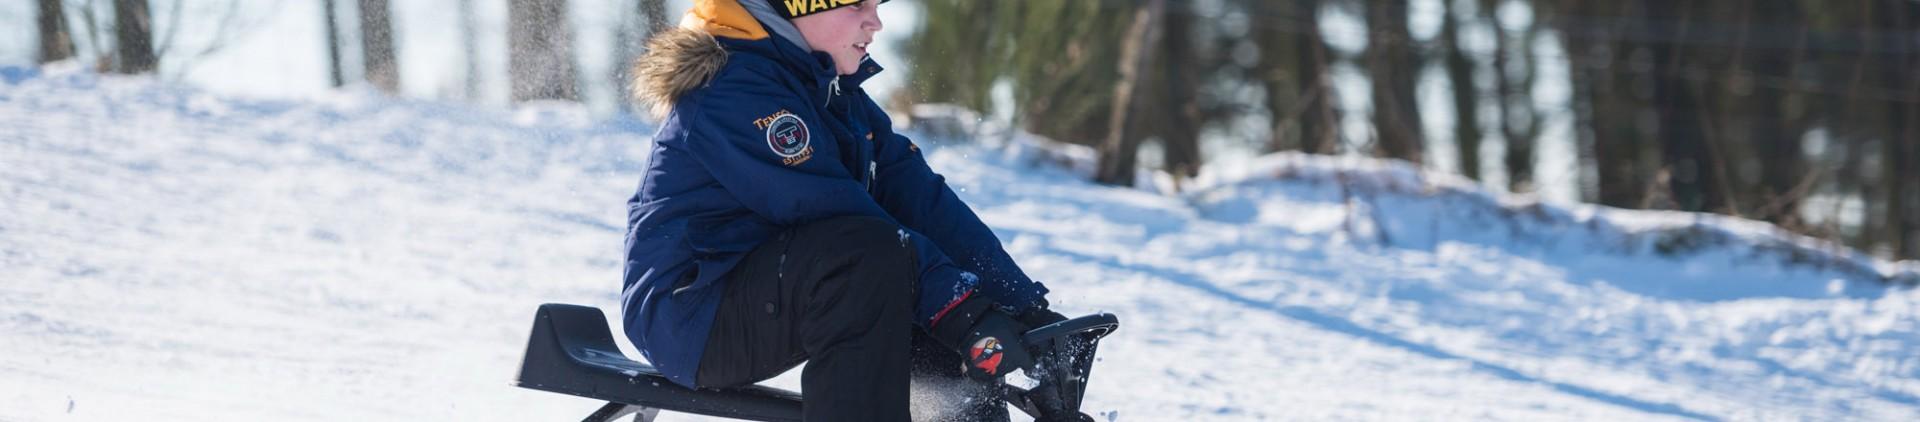 7 Ideen für wunderbares Schneevergnügen mit den Kindern